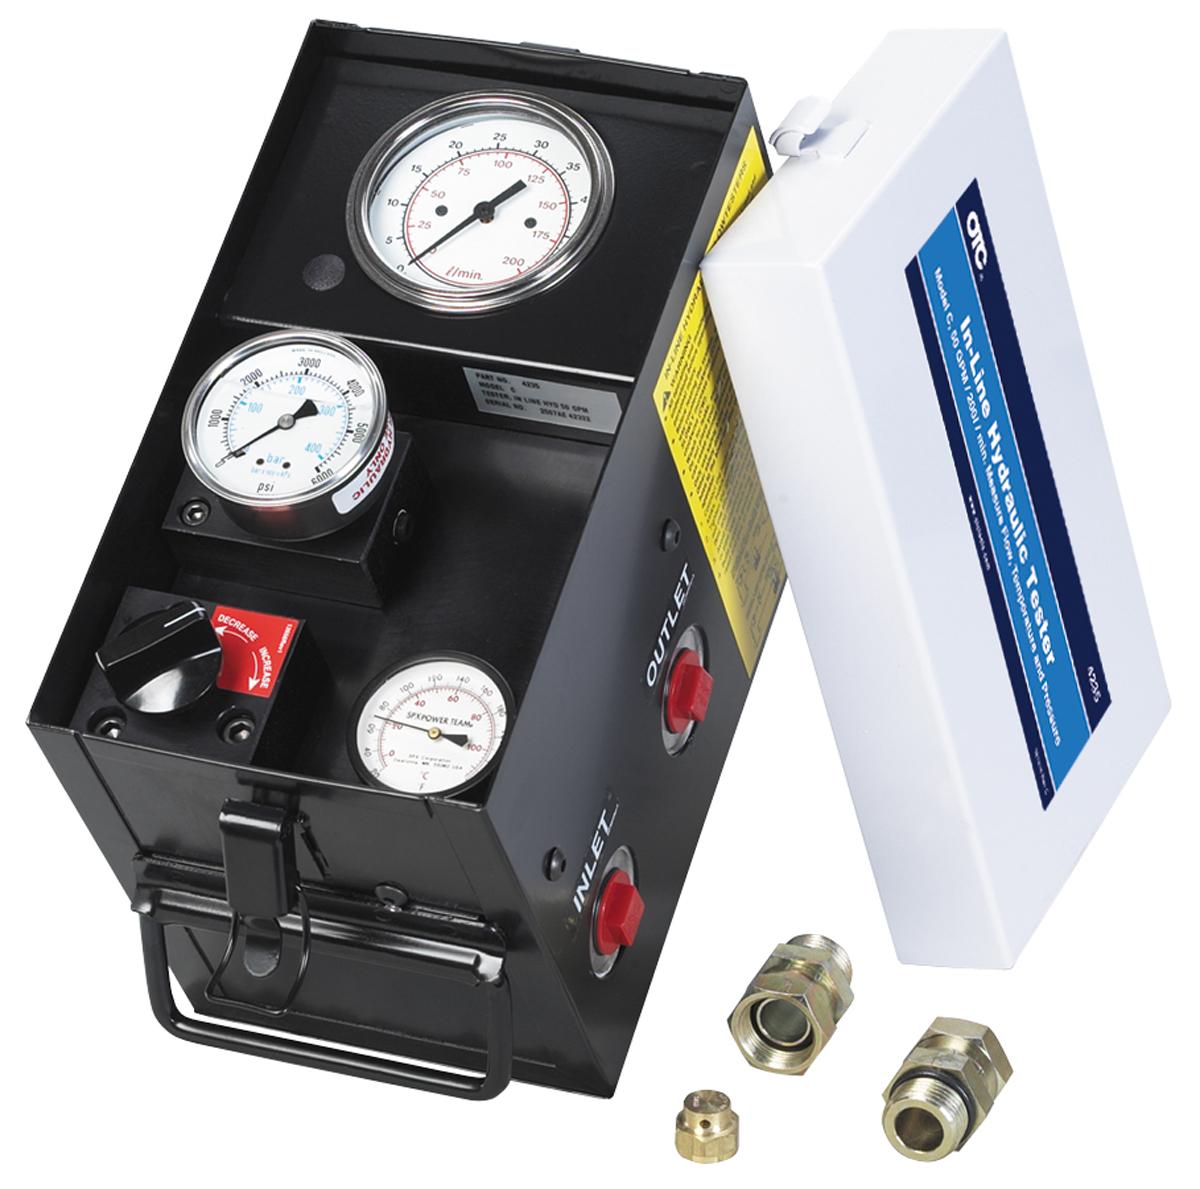 Hydraulic Flow Tester